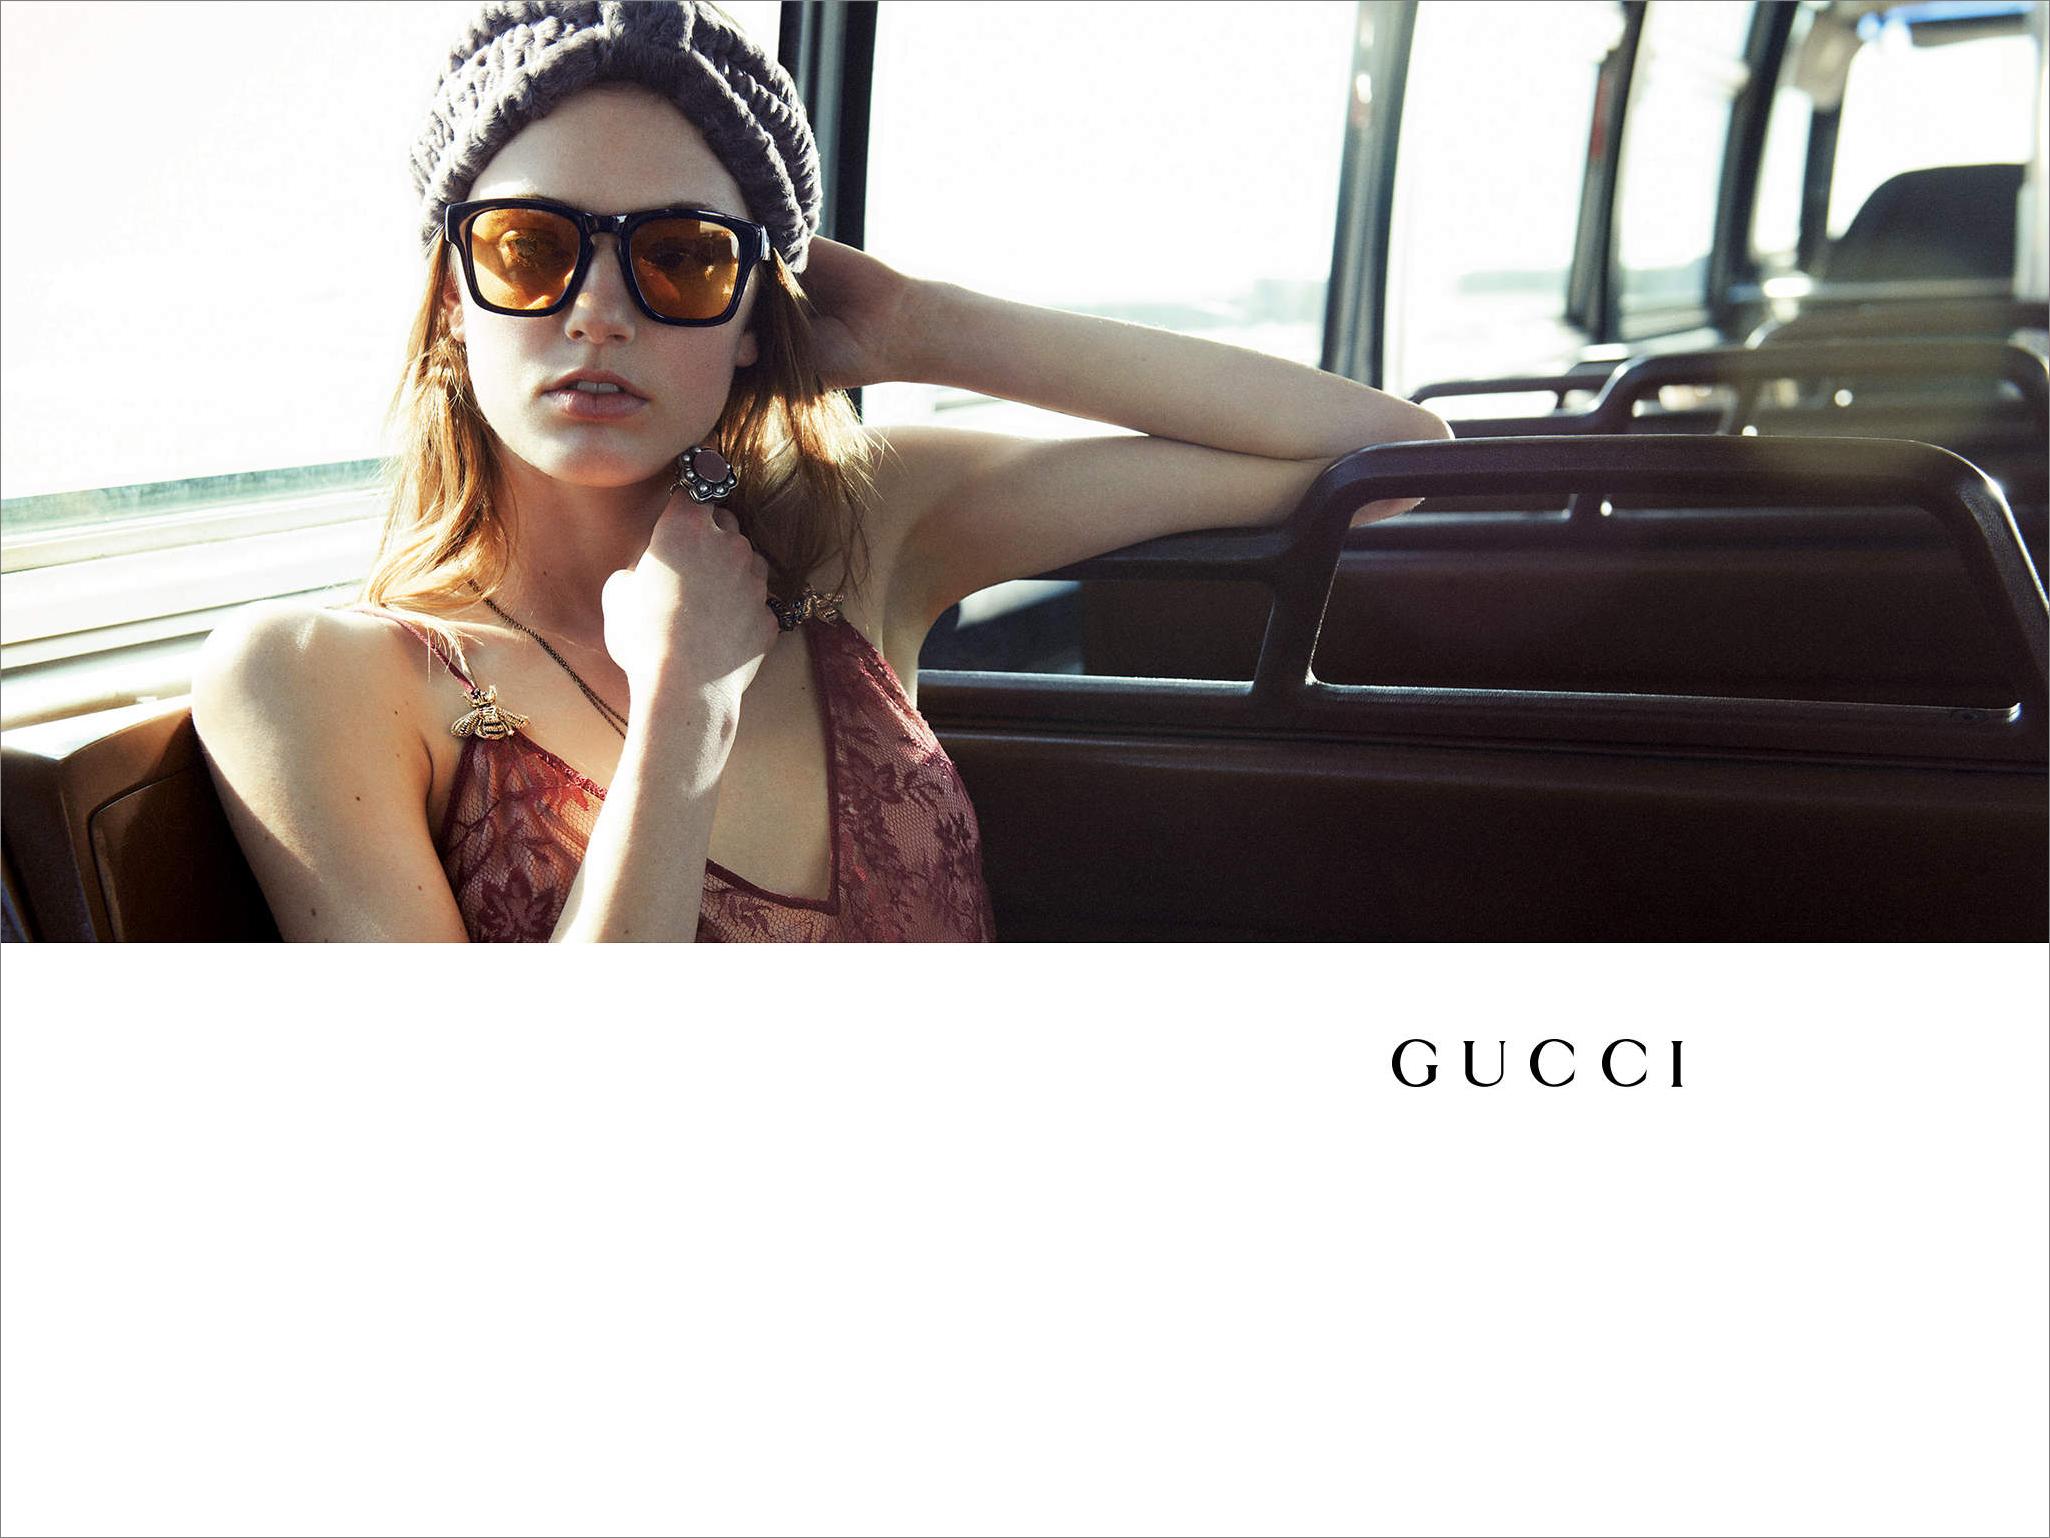 gucci-ad-advertisement-campaign-fall-2015-the-impression-02